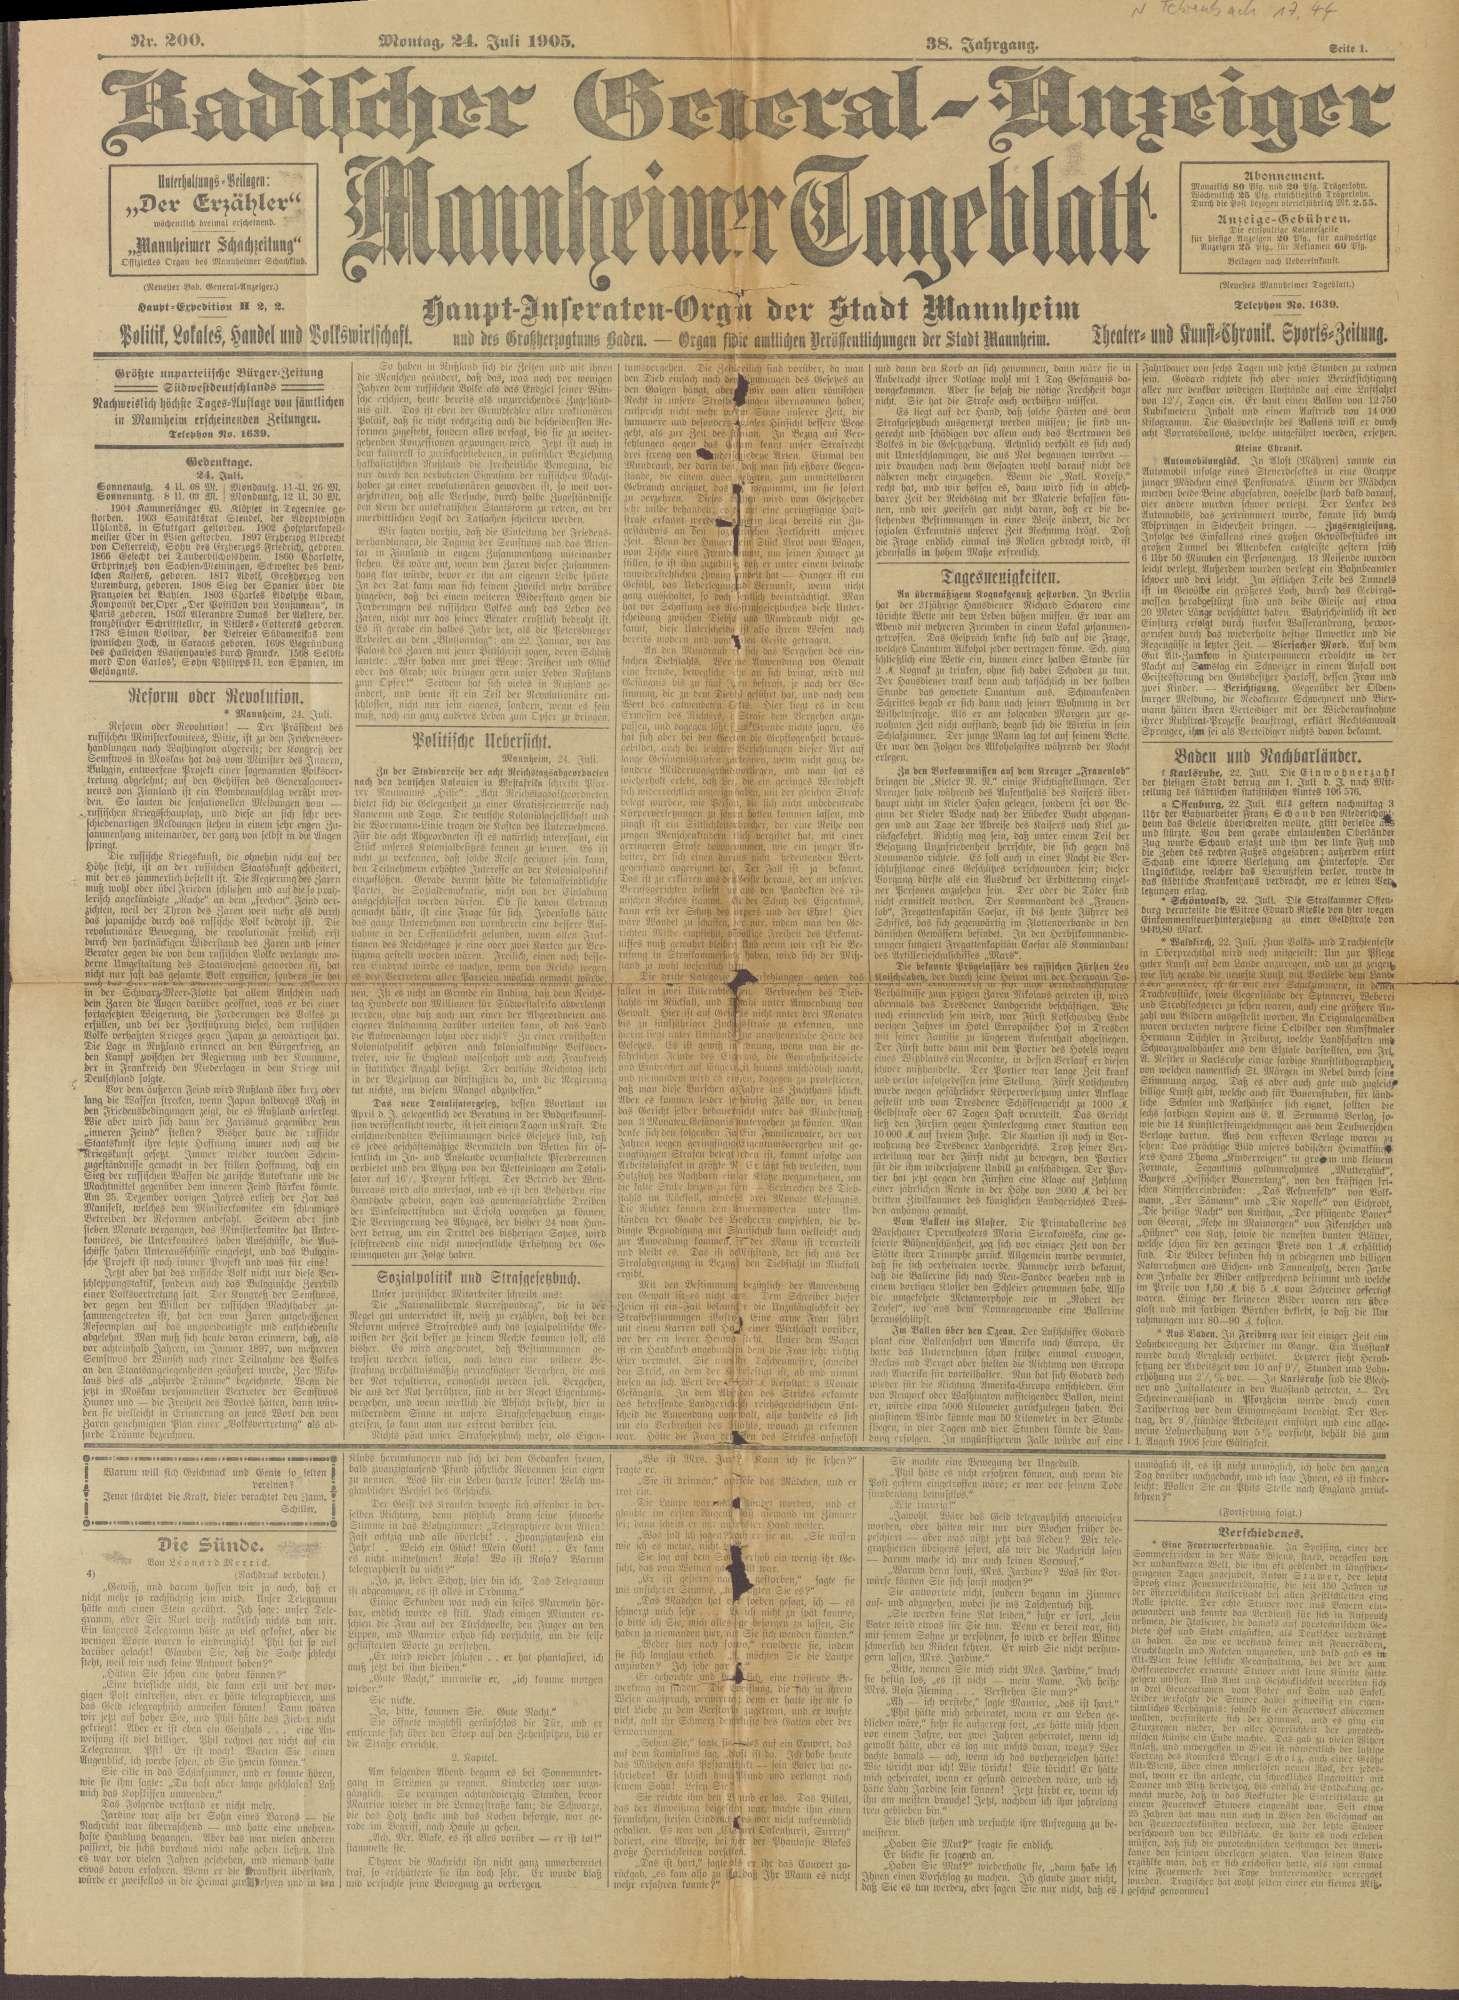 """Ausgabe von """"Badischer Generalanzeiger. Mannheimer Tageblatt"""", Bild 1"""